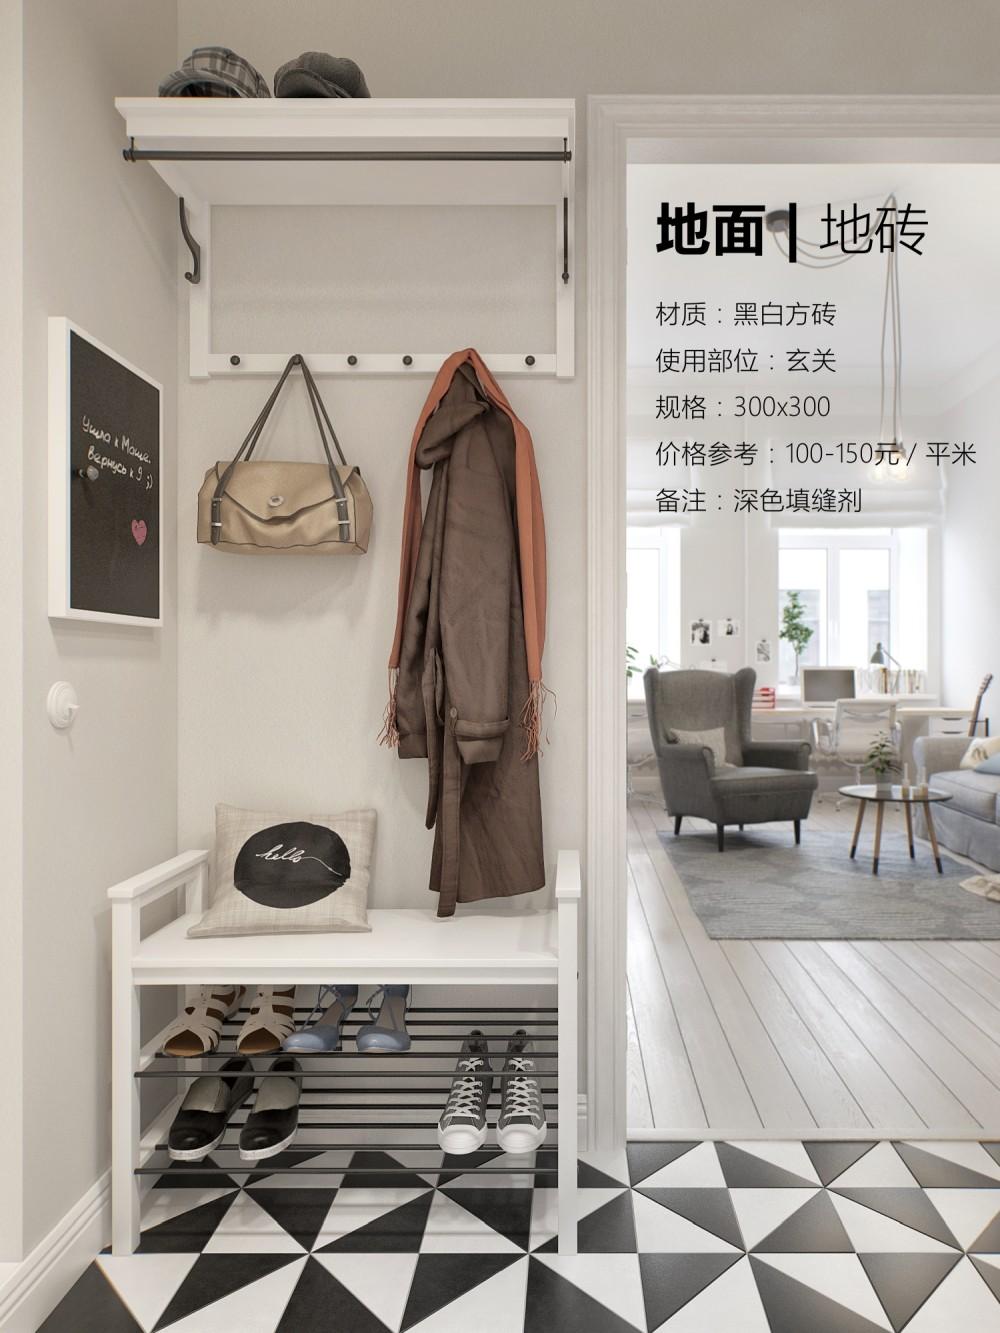 【指导手册】现代北欧风格DIY手册PDF+JPG 93P丨170M丨_11.jpg